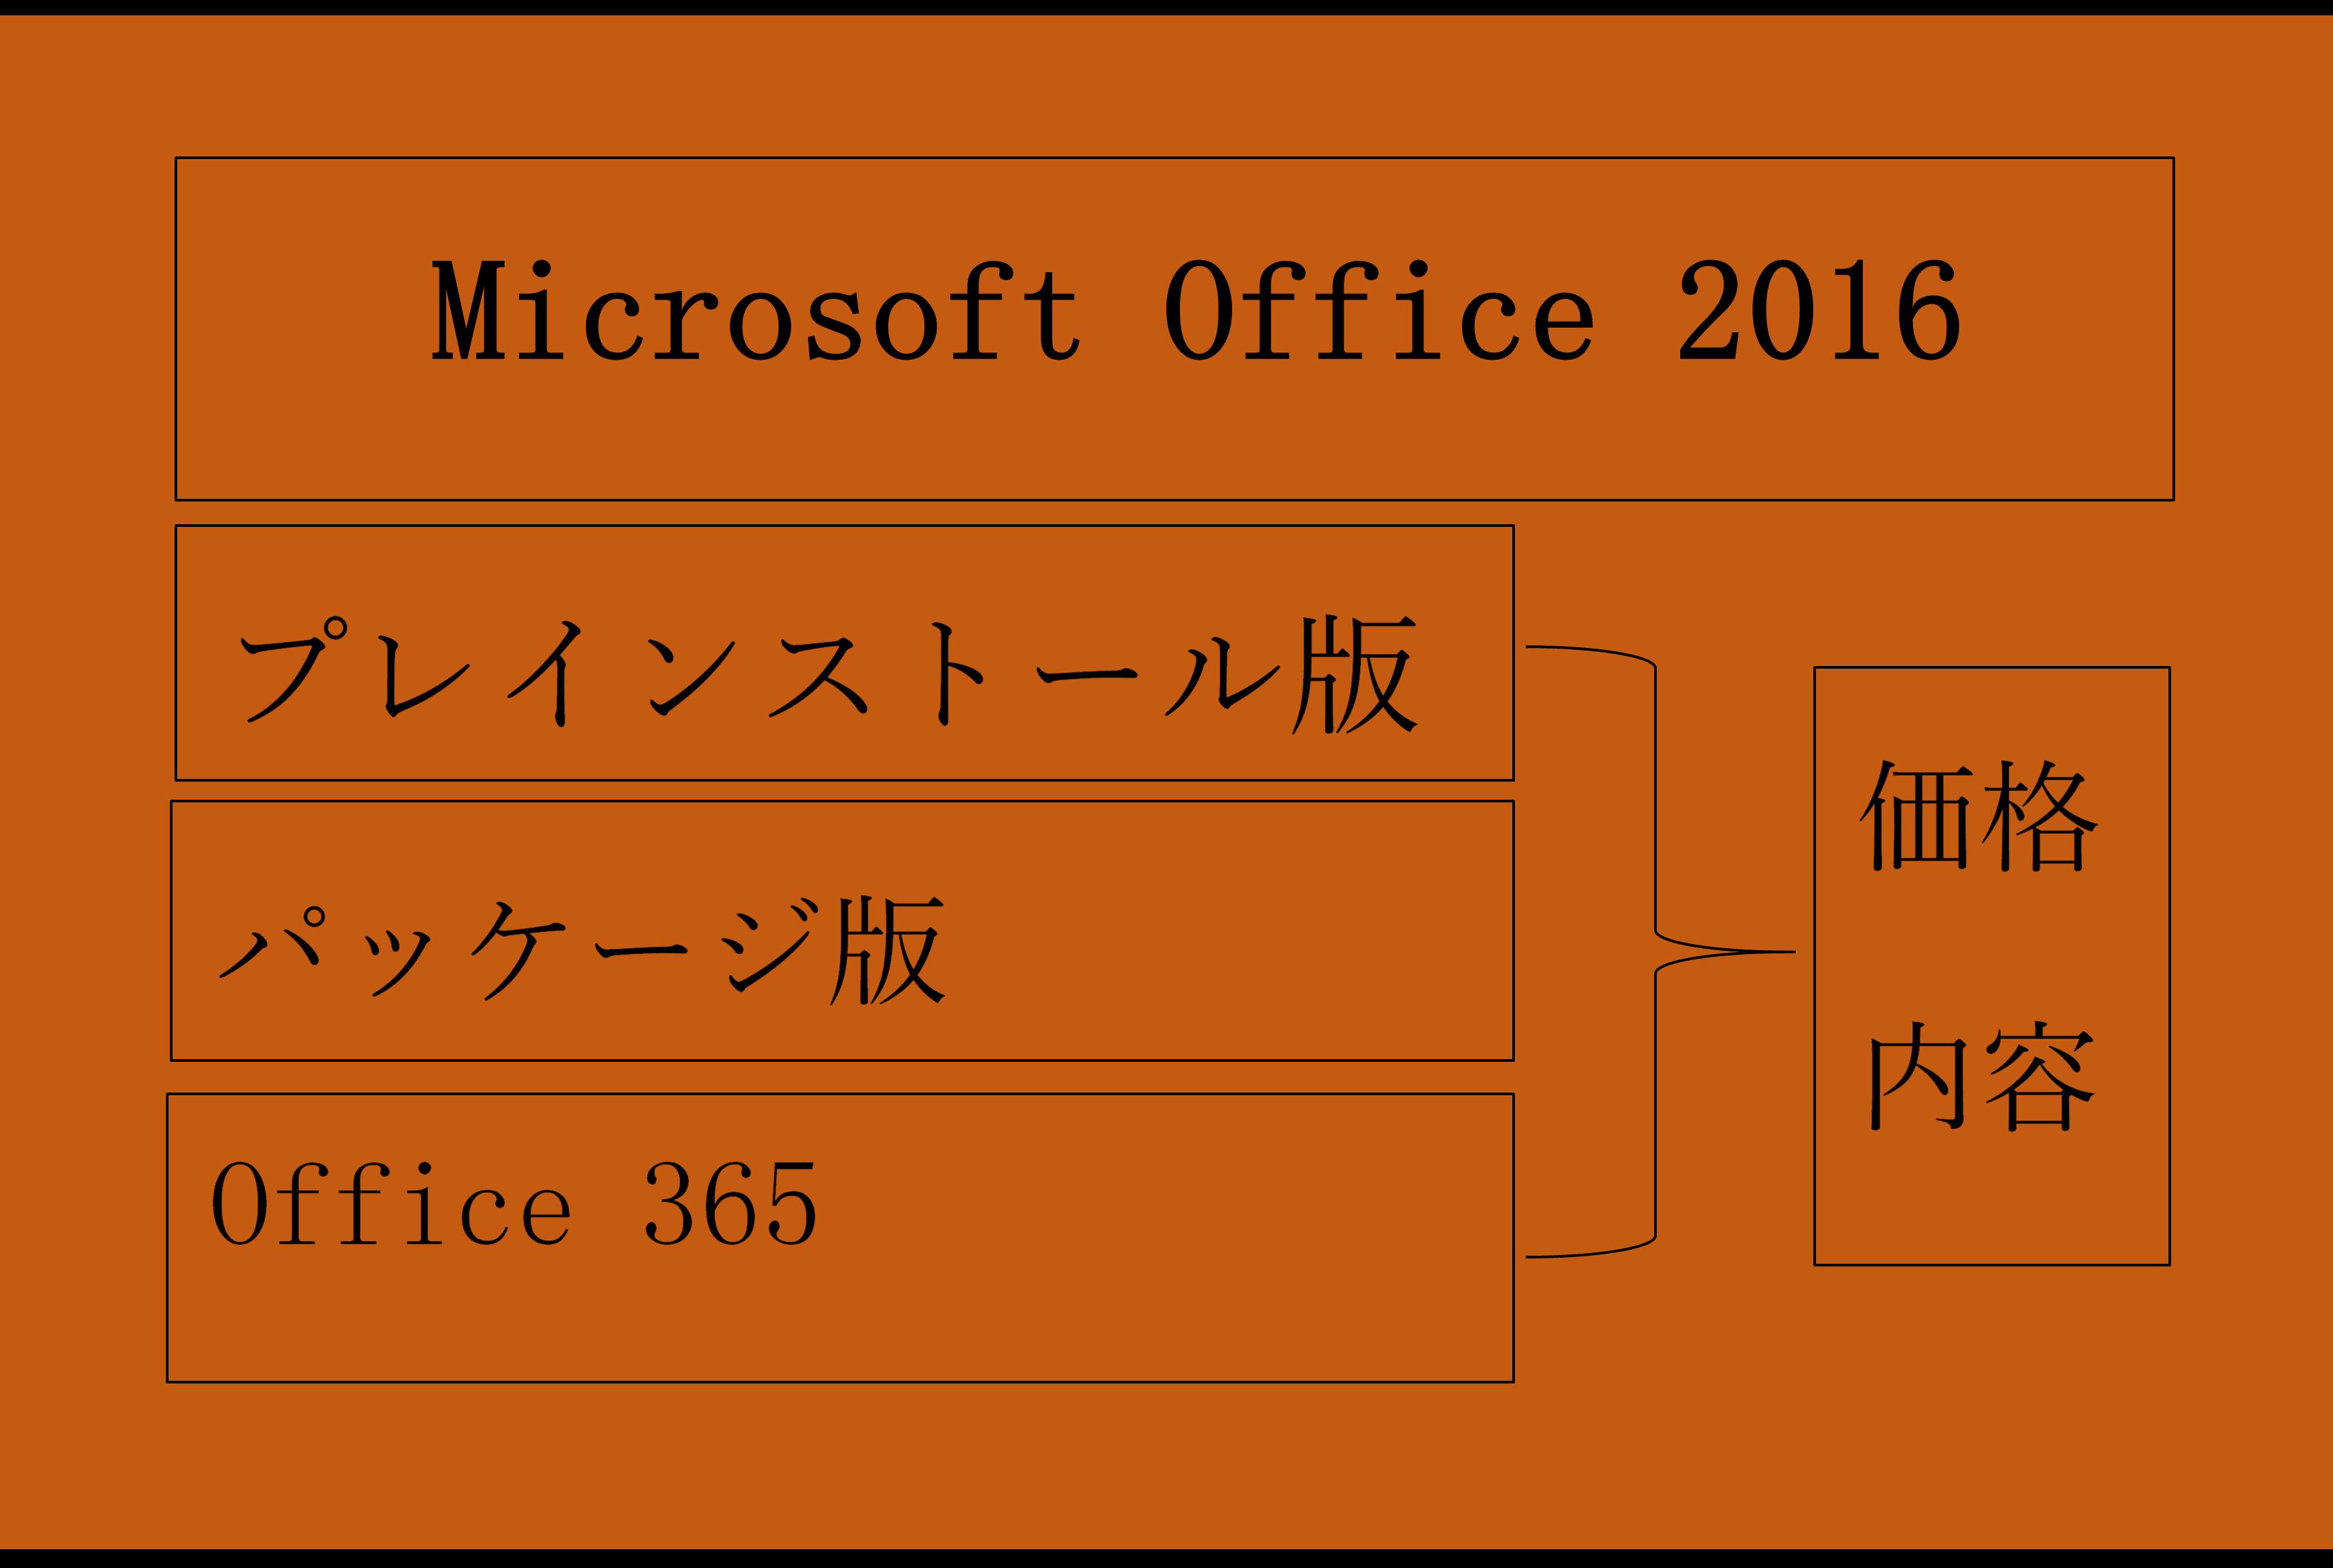 Officeを購入するならどれを選ぶべき?最新バージョンのOffice 2016がオススメ!